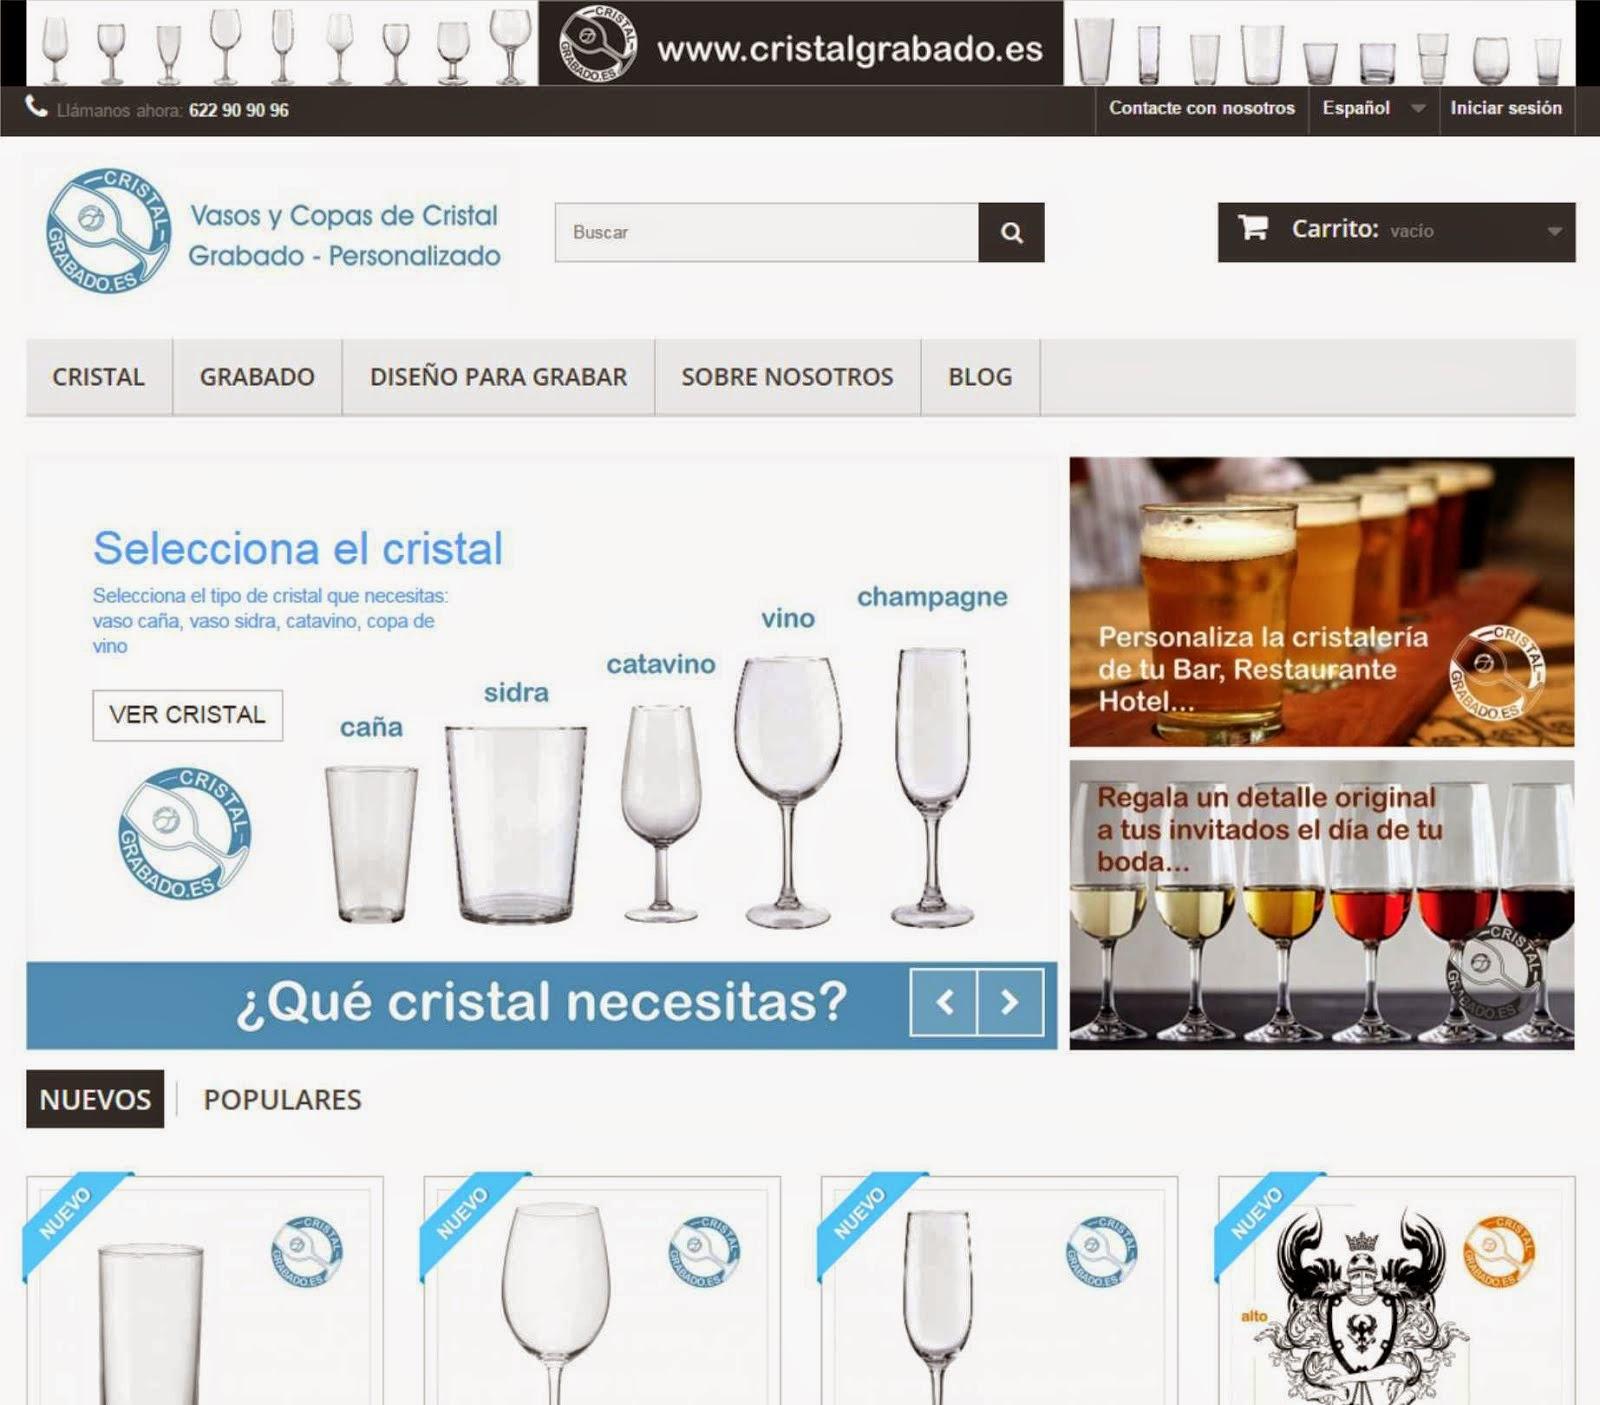 www.cristalgrabado.es